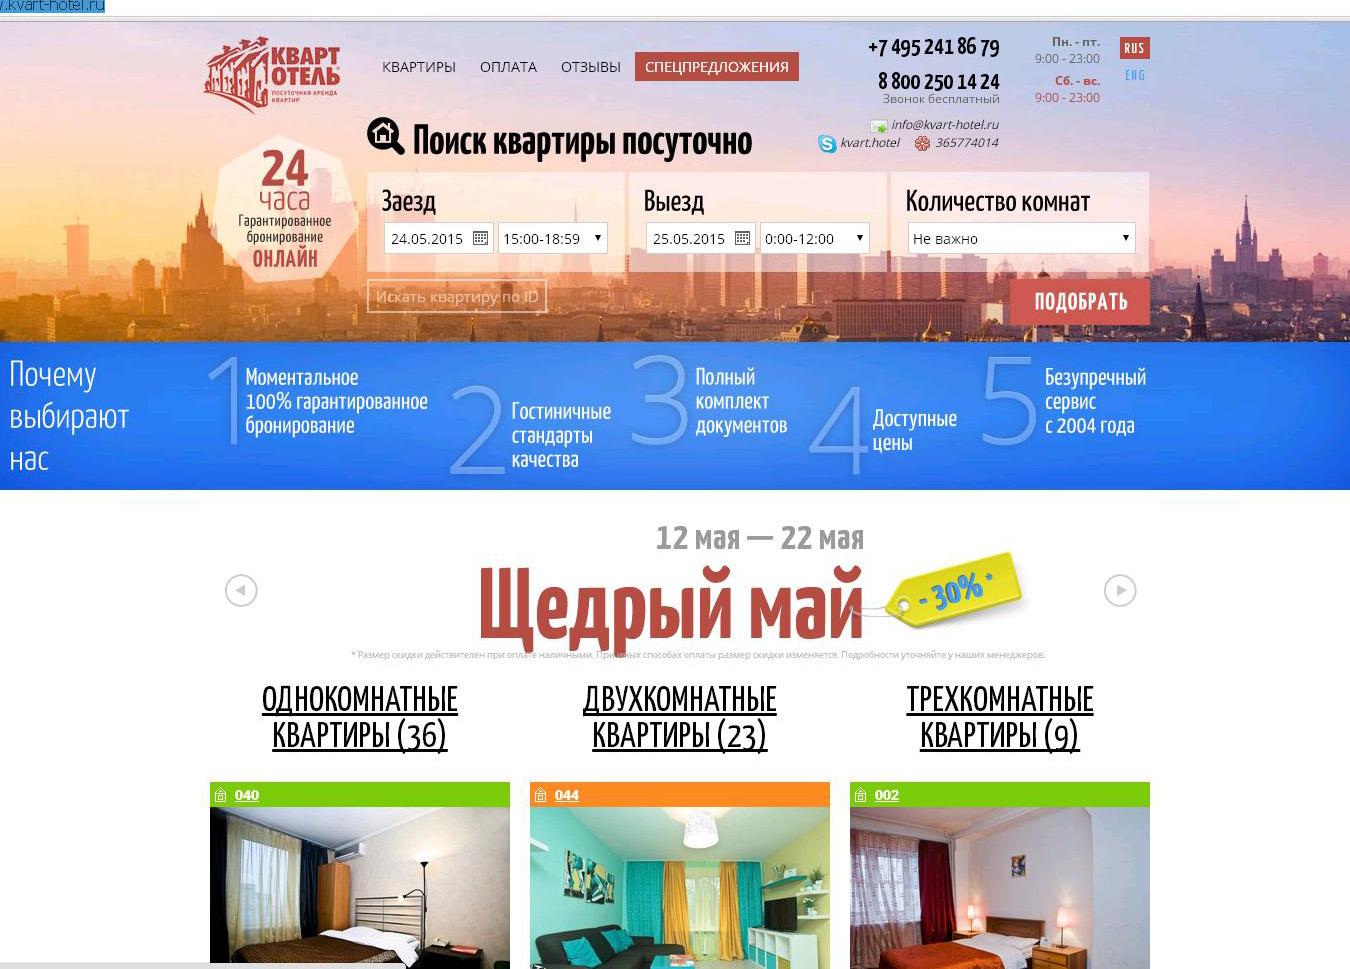 Доработка бронирования для сайта kvart-hotel.ru, интеграция дизайна, обмен 1С, шлюз банка